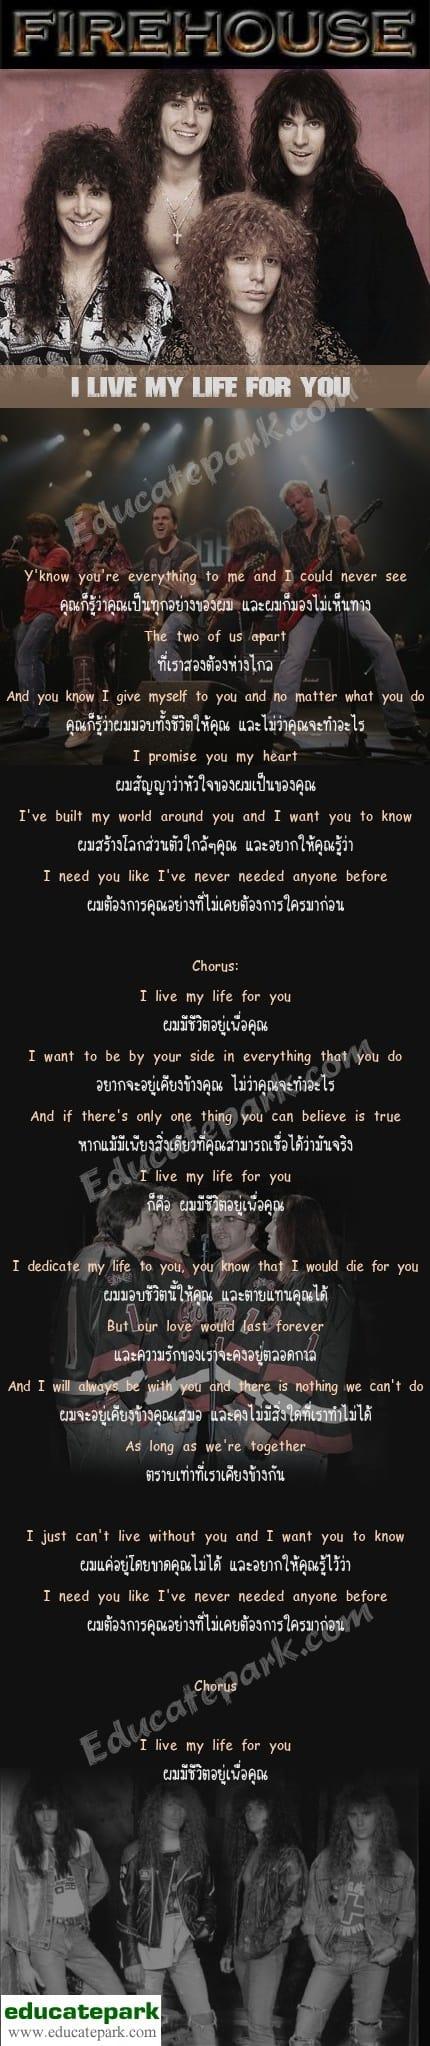 แปลเพลง I Live My Life For You - FireHouse